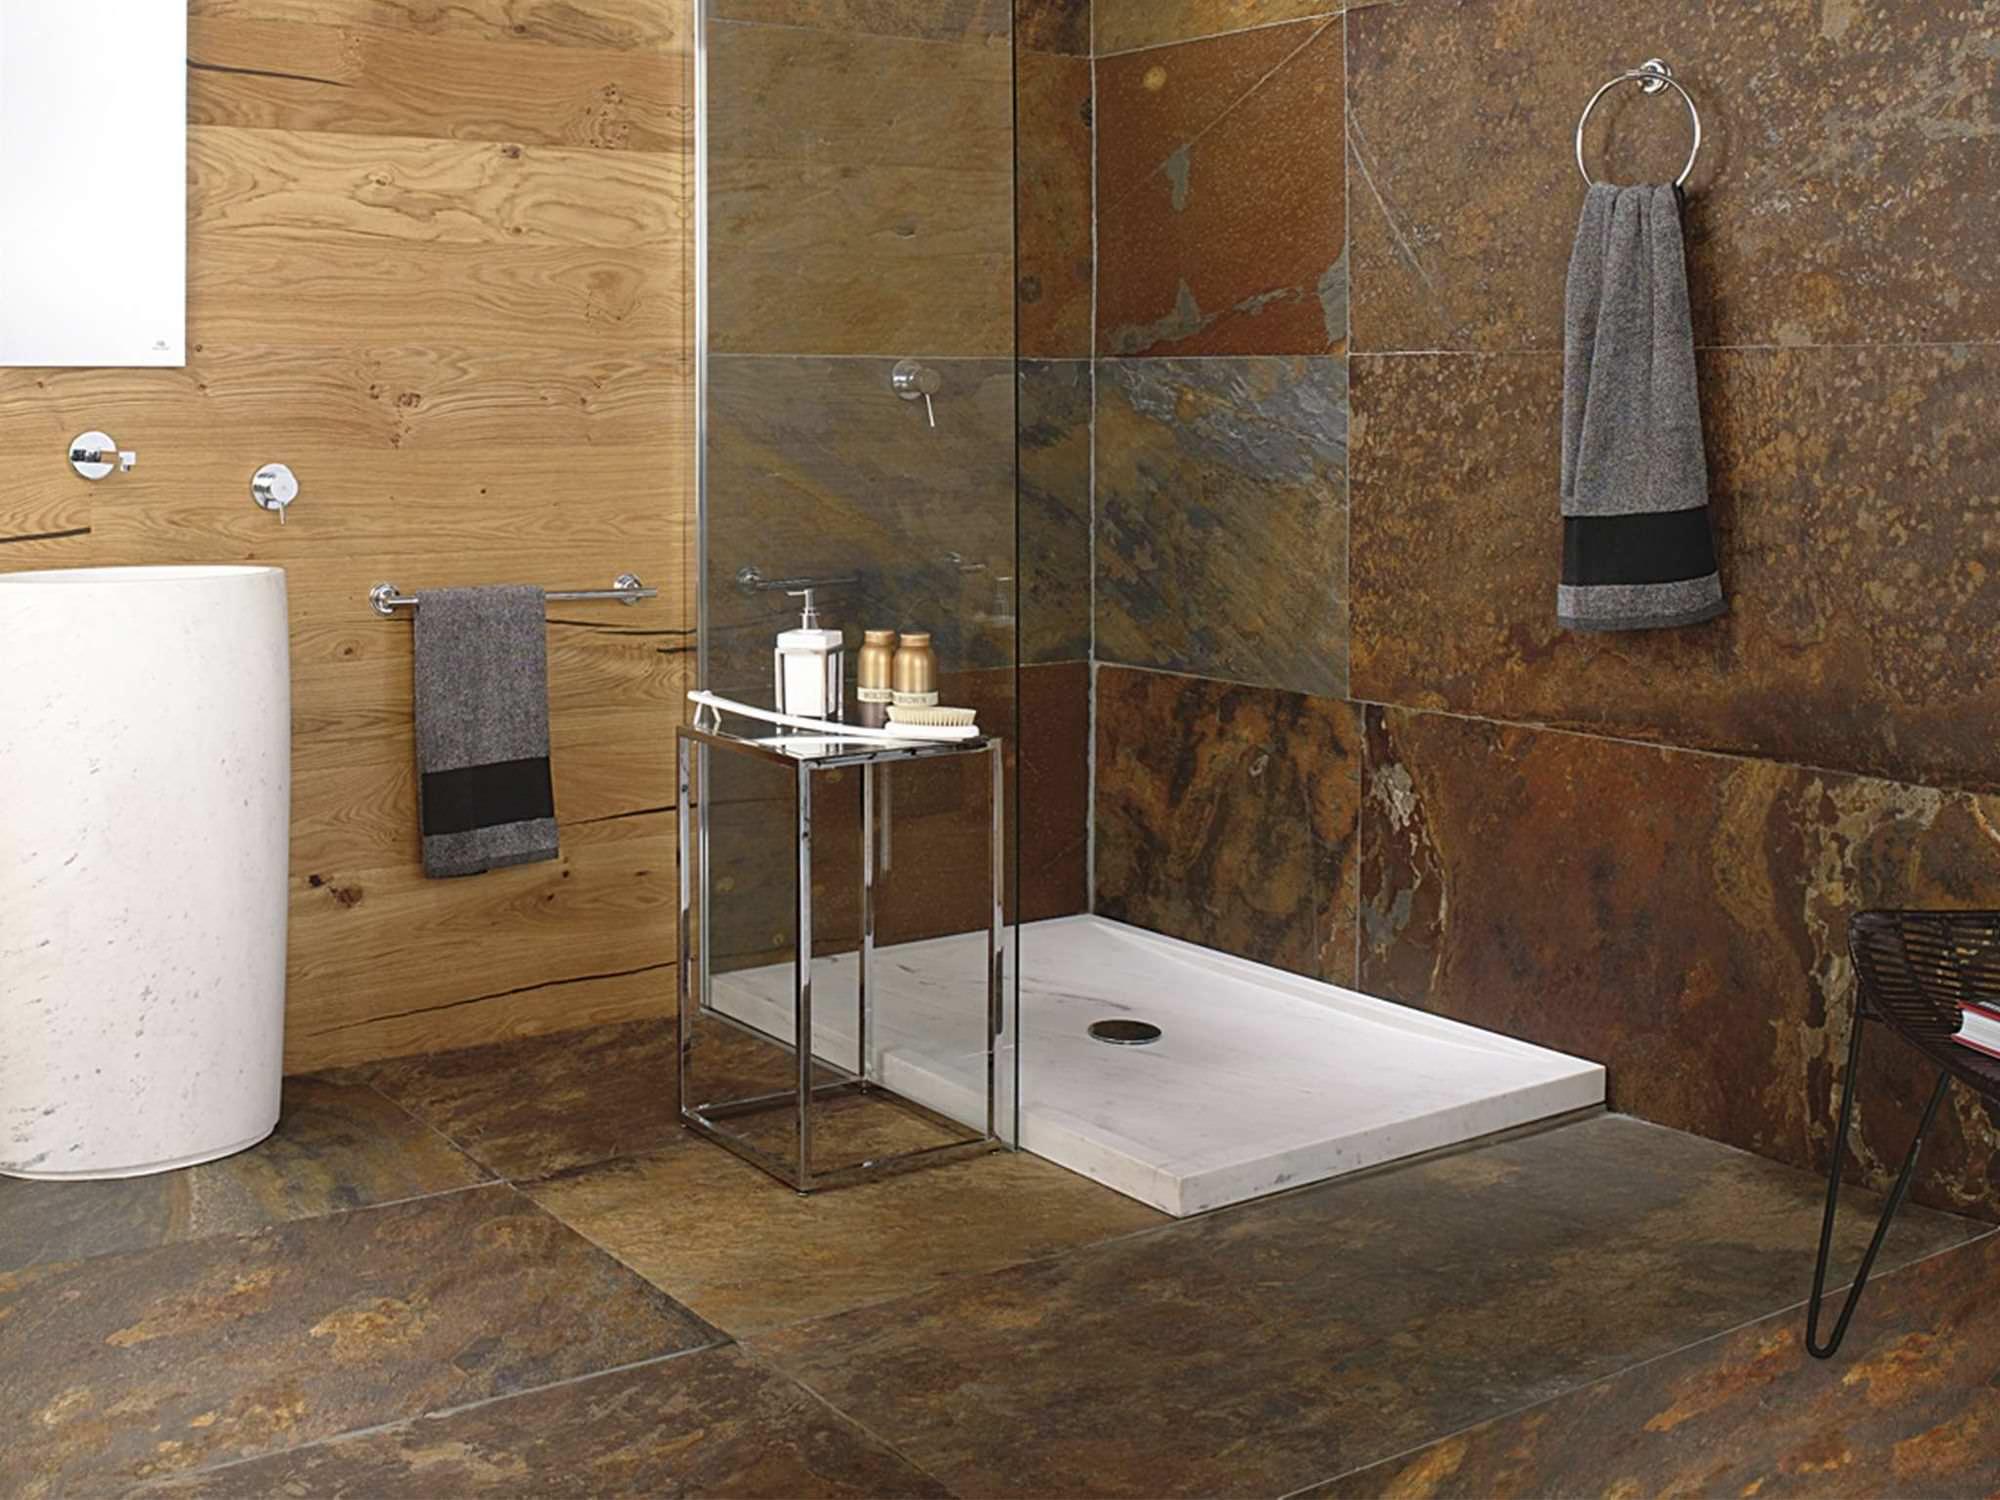 Pierre Naturelle Douche dedans receveur de douche rectangulaire / en pierre naturelle - samui - l